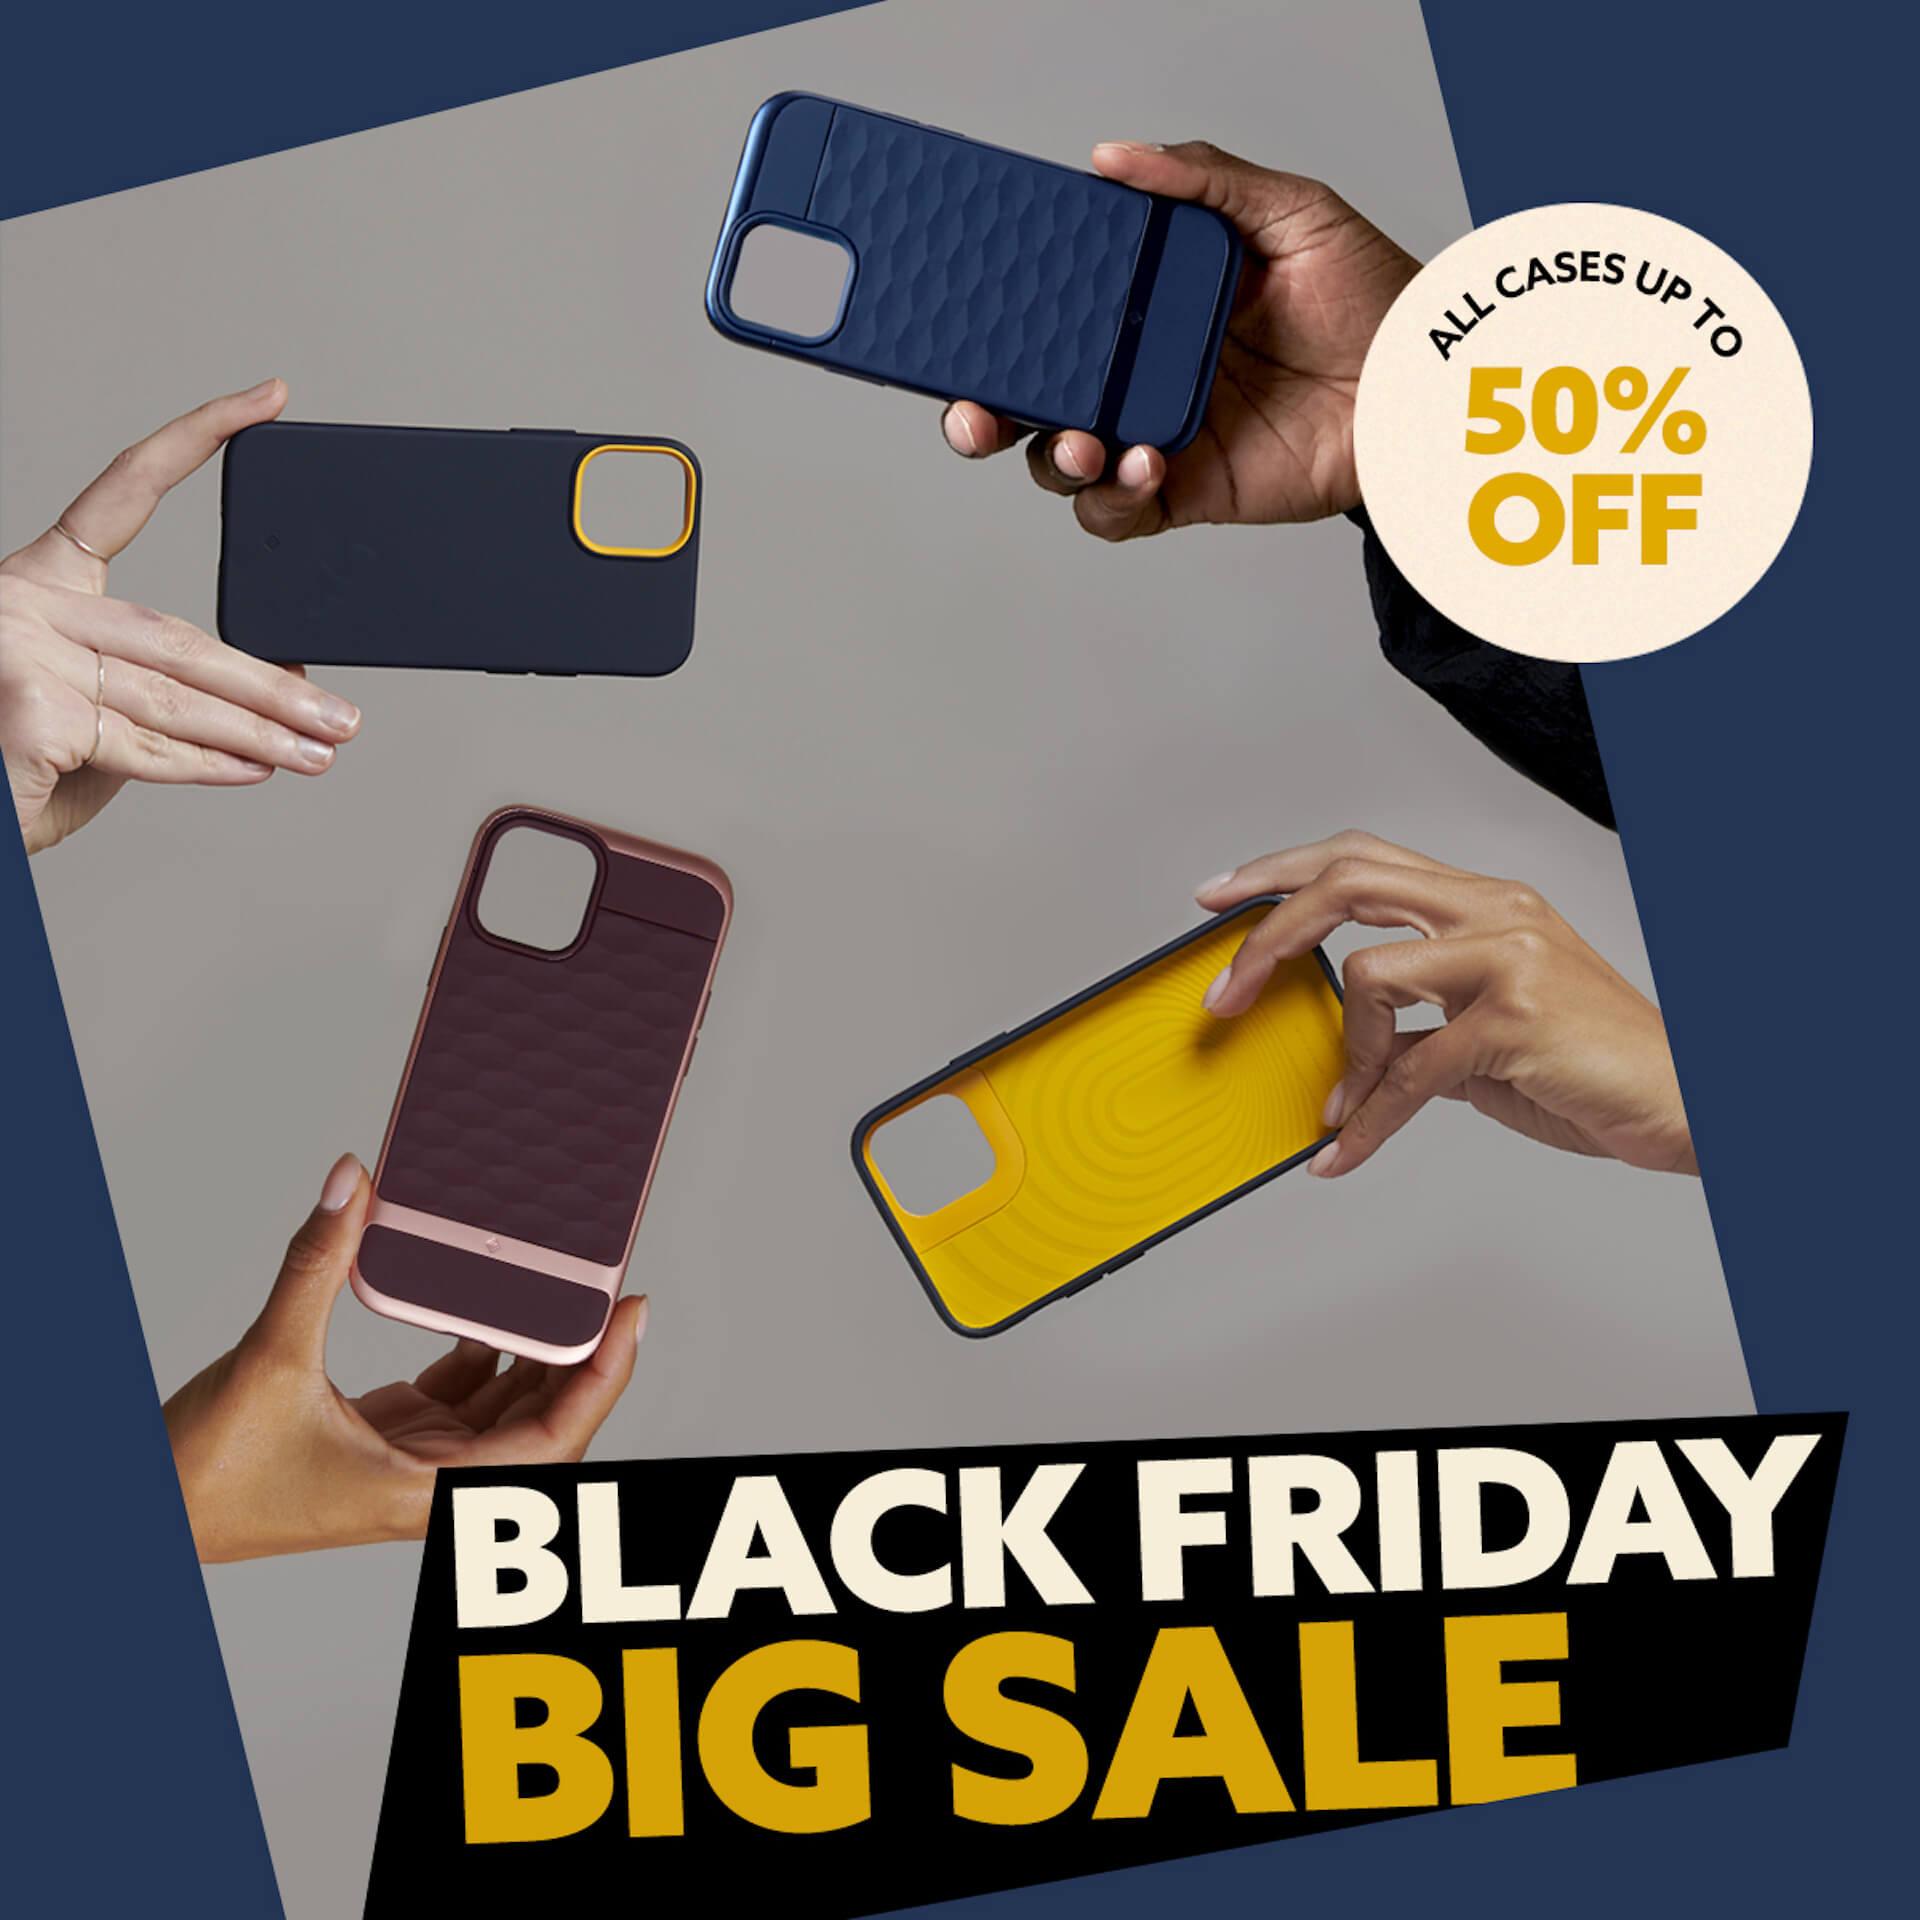 CaseologyのiPhone 12用ケースや強化ガラスフィルム、AirPods Pro用ケースが最大50%OFF!Amazonブラックフライデーでセール実施中 tech201127_spigen_amazon_main